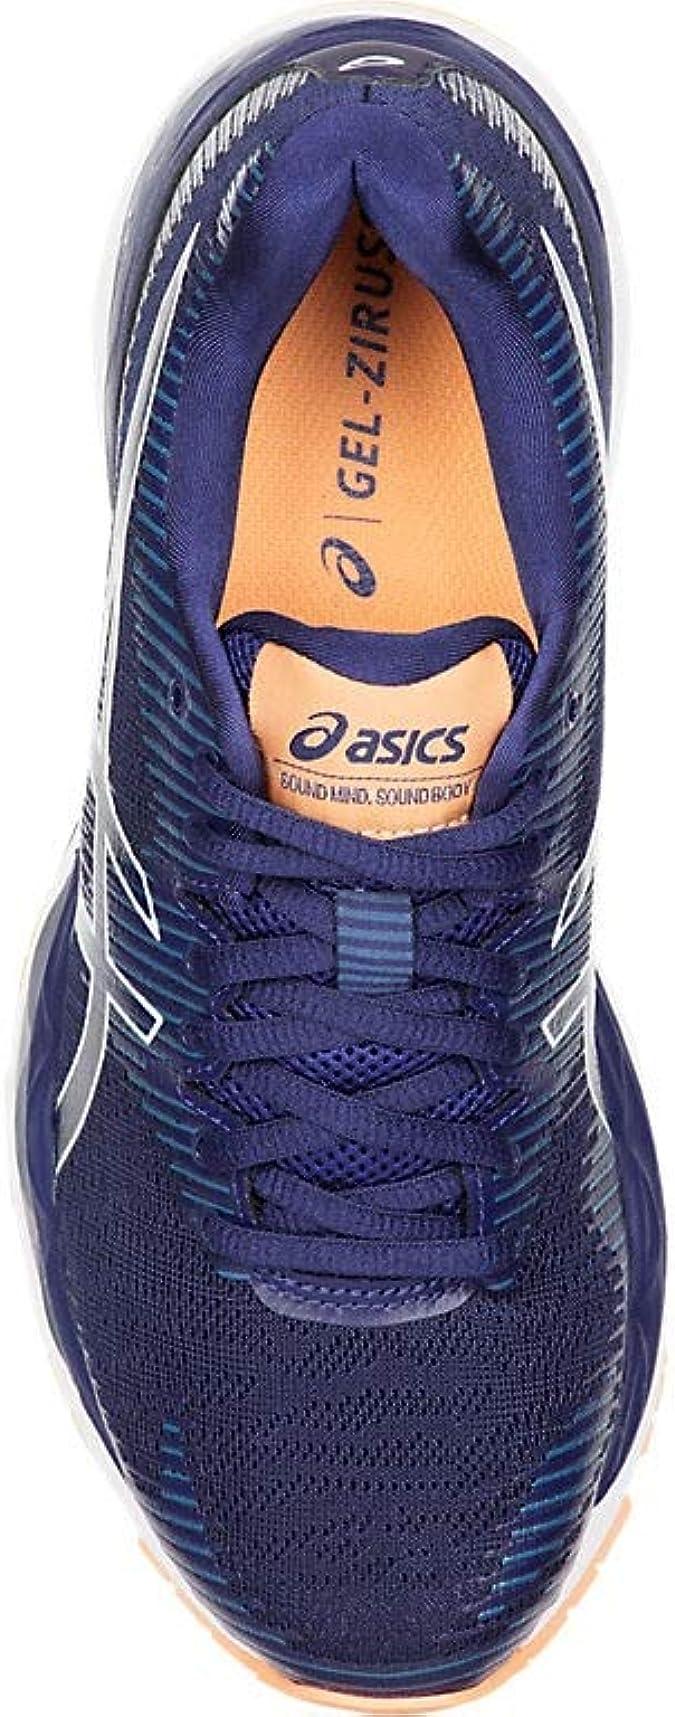 ASICS Women's Gel Ziruss 2 Running Shoes